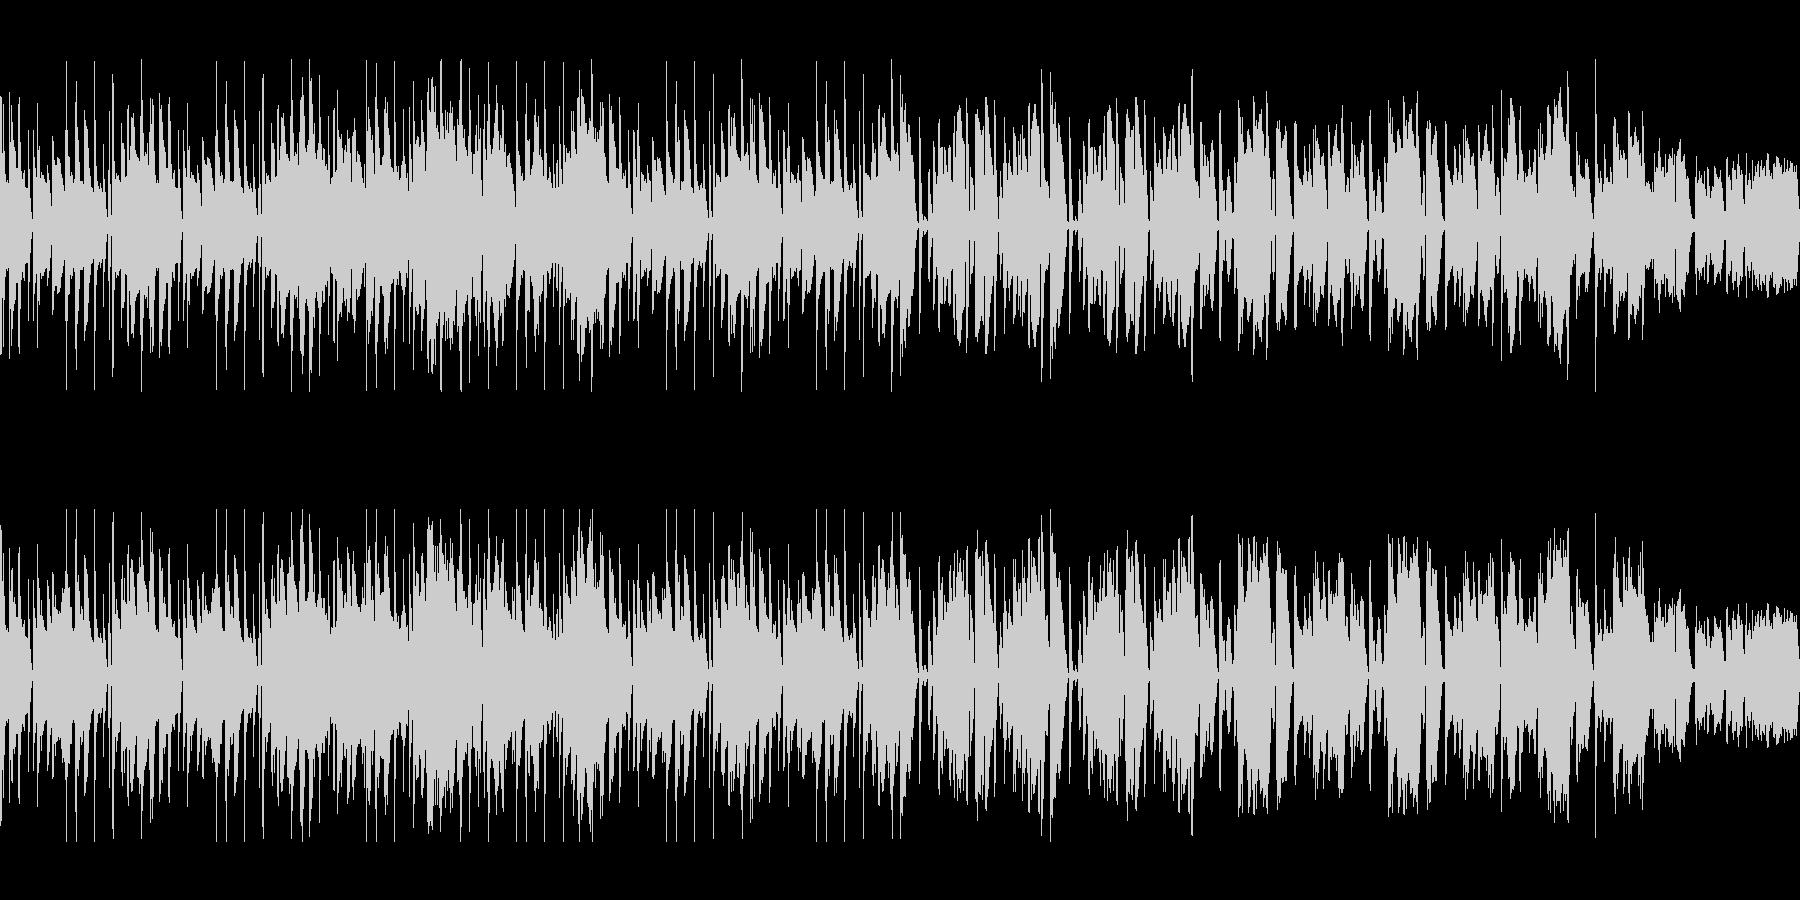 ファンキーなベースが中心のループ素材の未再生の波形